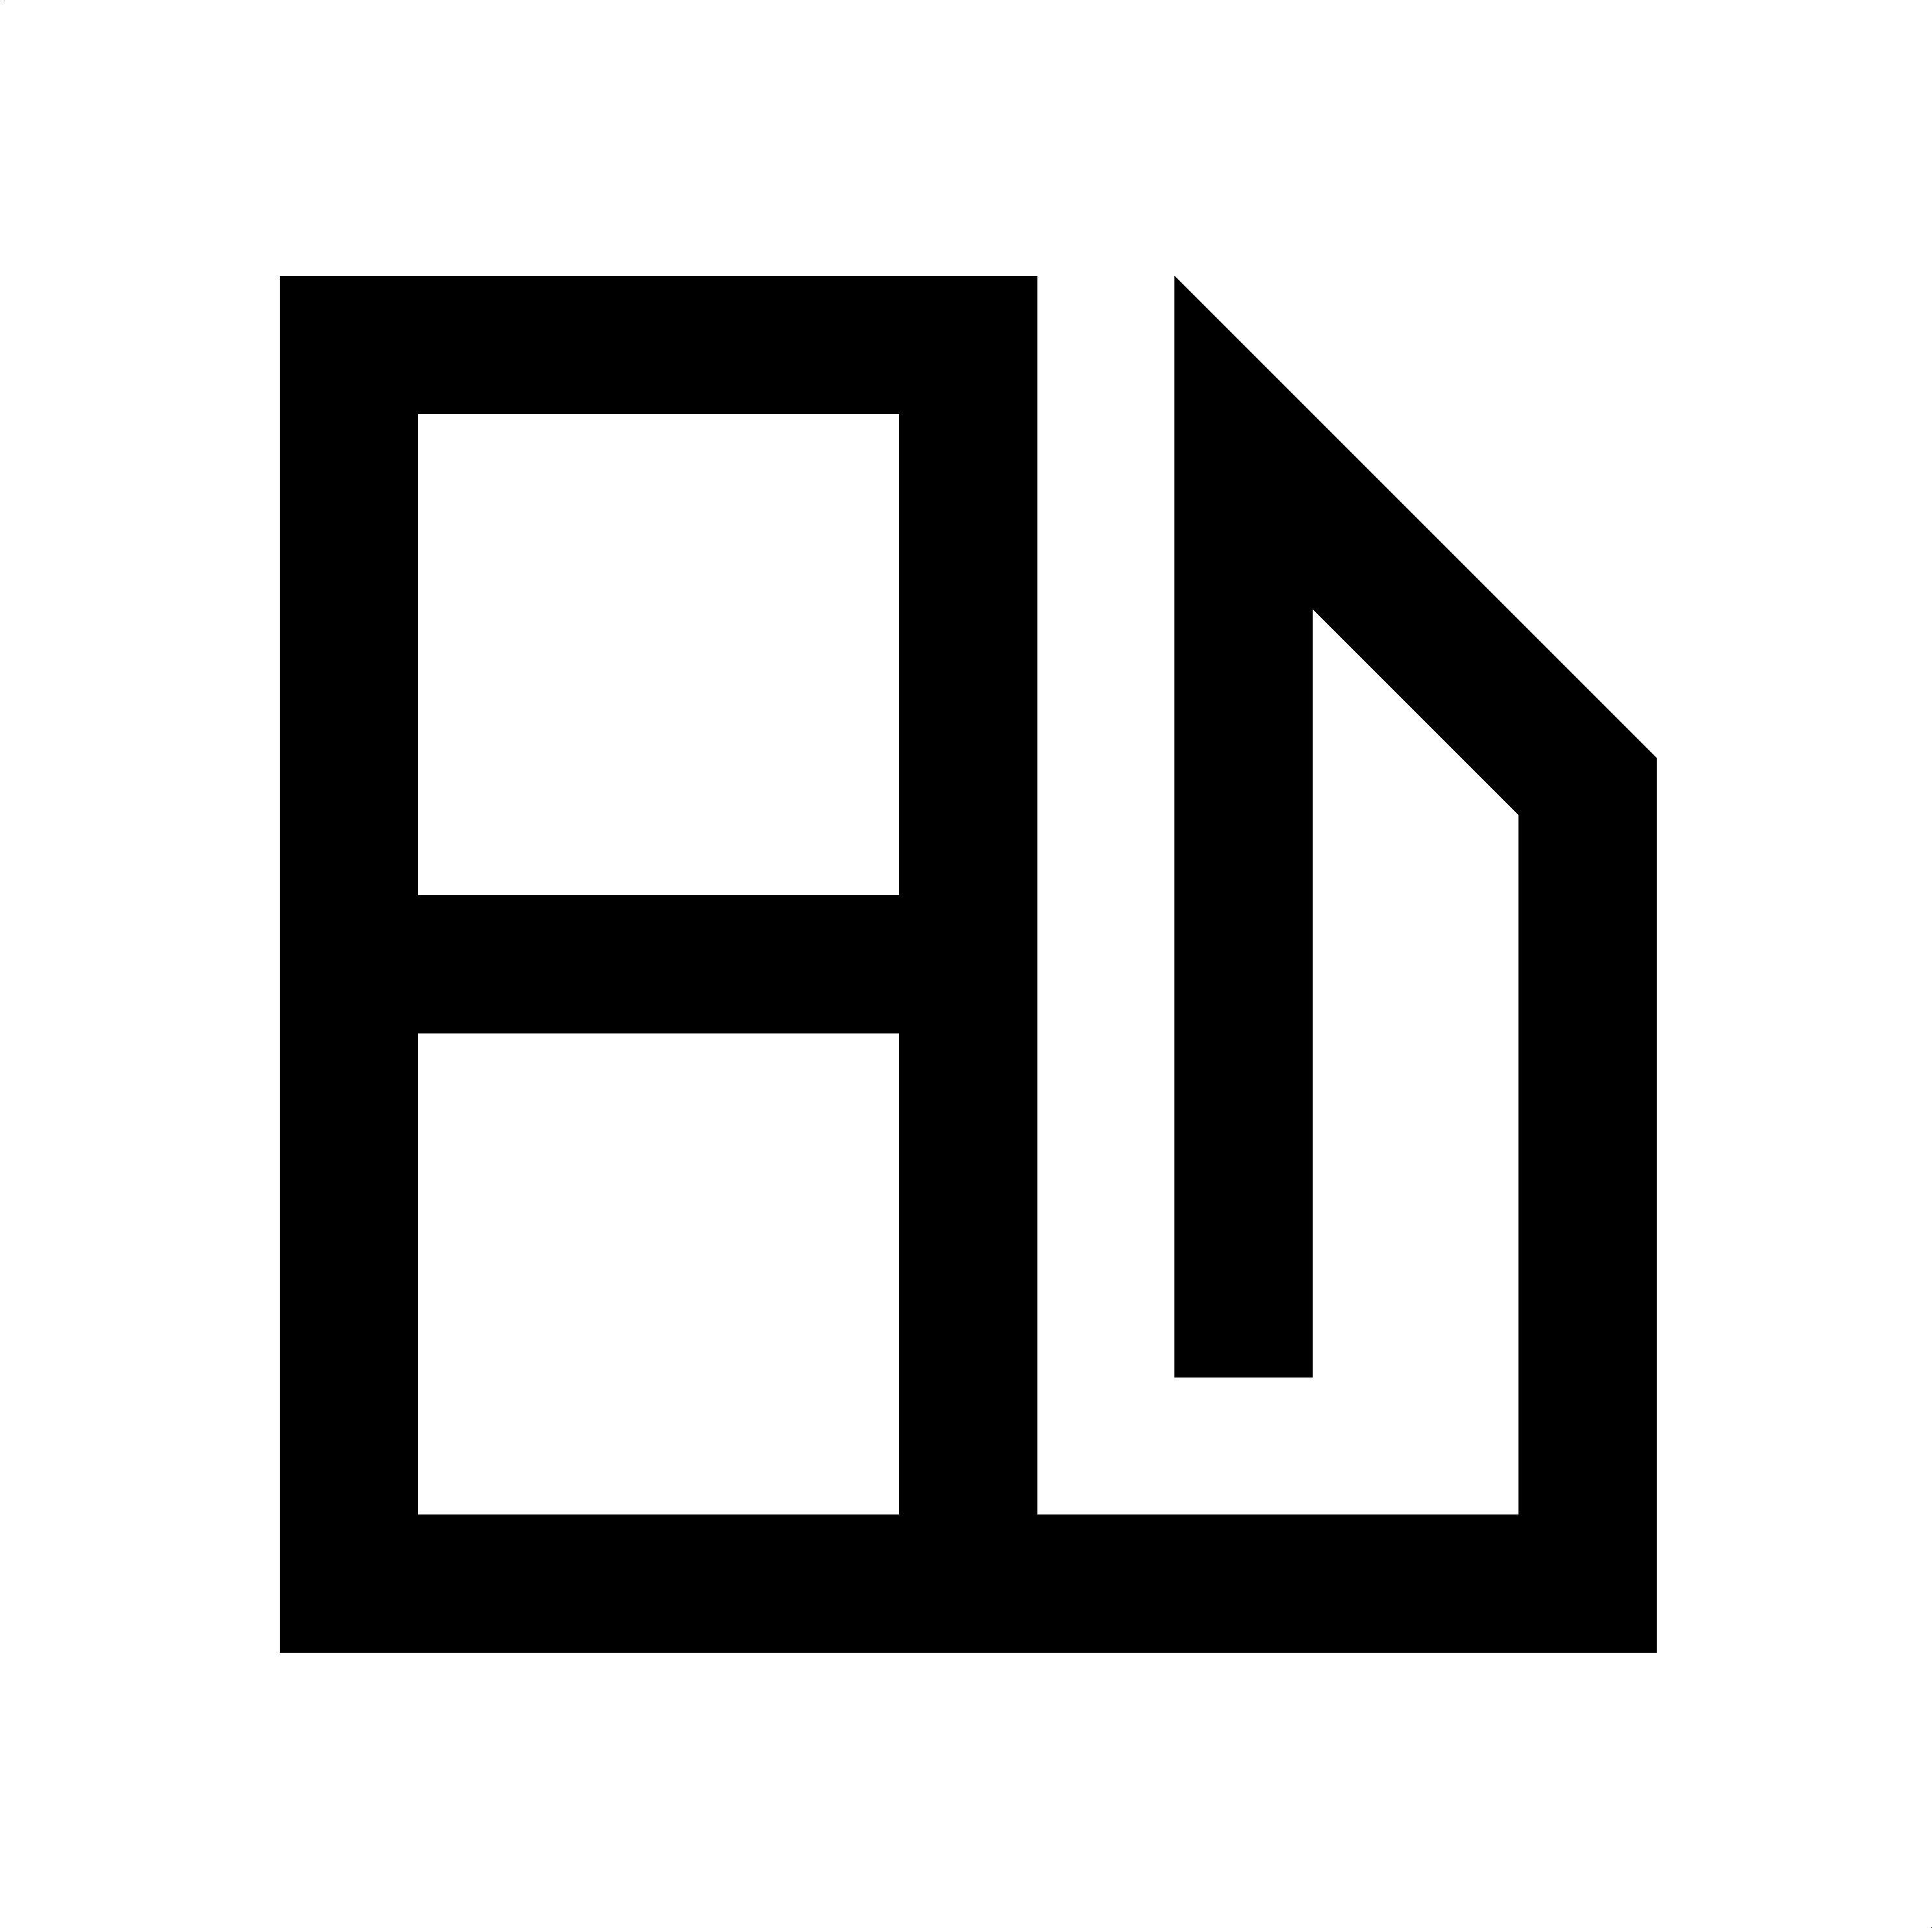 泉州市厚德建筑装饰工程有限公司